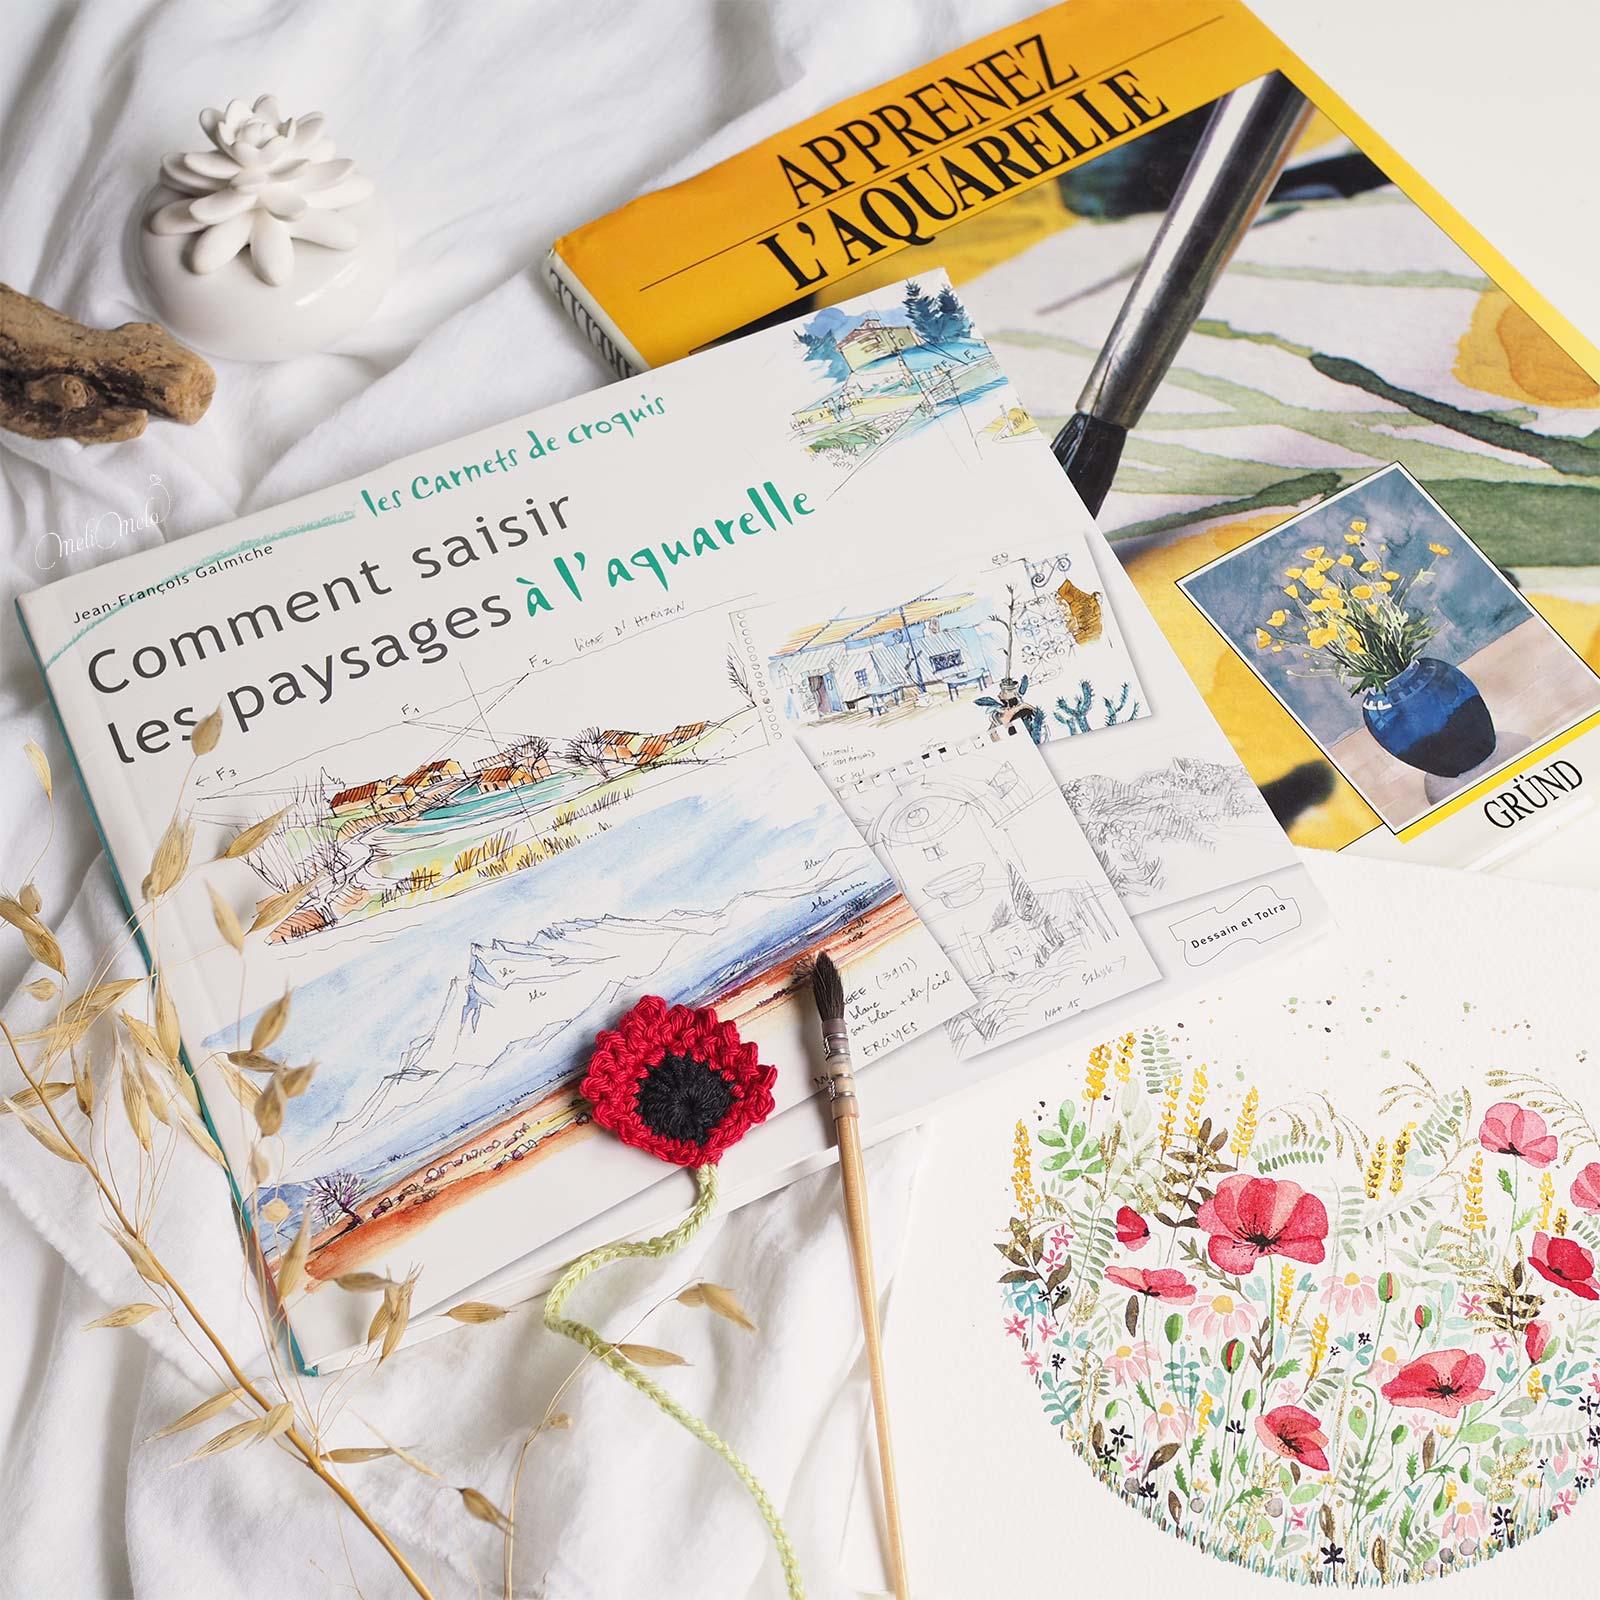 livre-apprenez-aquarelle-carnets-croquis-paysages-laboutiquedemelimelo